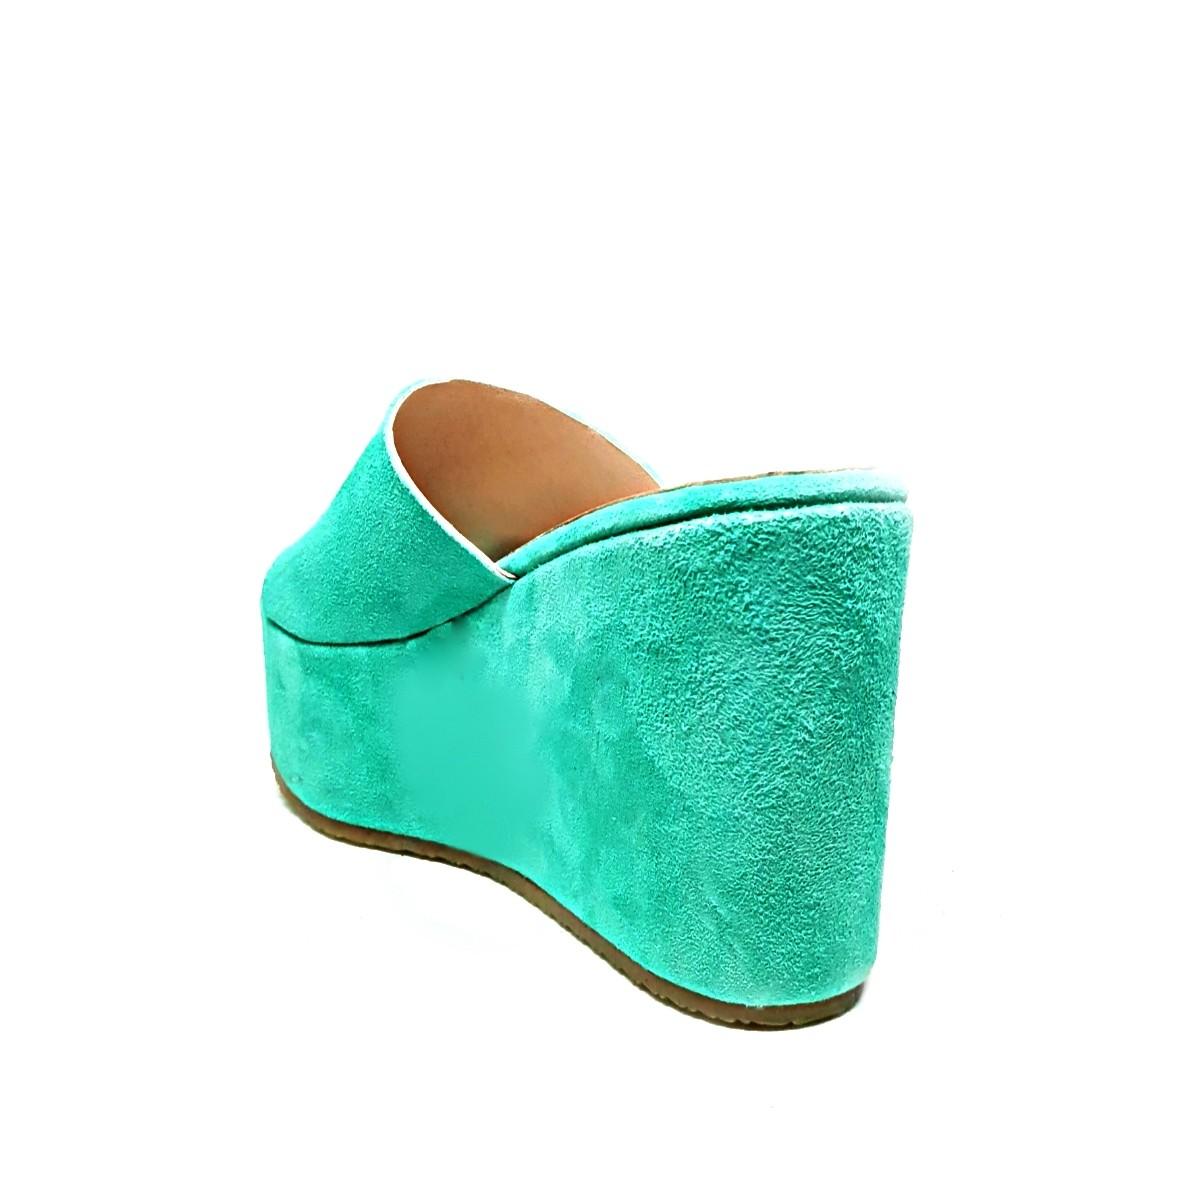 Φωτεινές πράσινες γυναικείες καστόρινες πλατφόρμες TESSERA